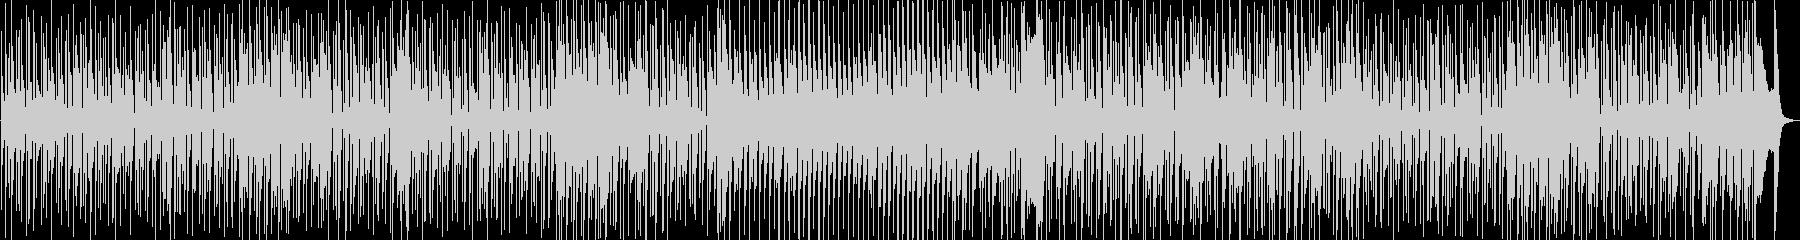 70年代風のレトロファンキーチューン-1の未再生の波形